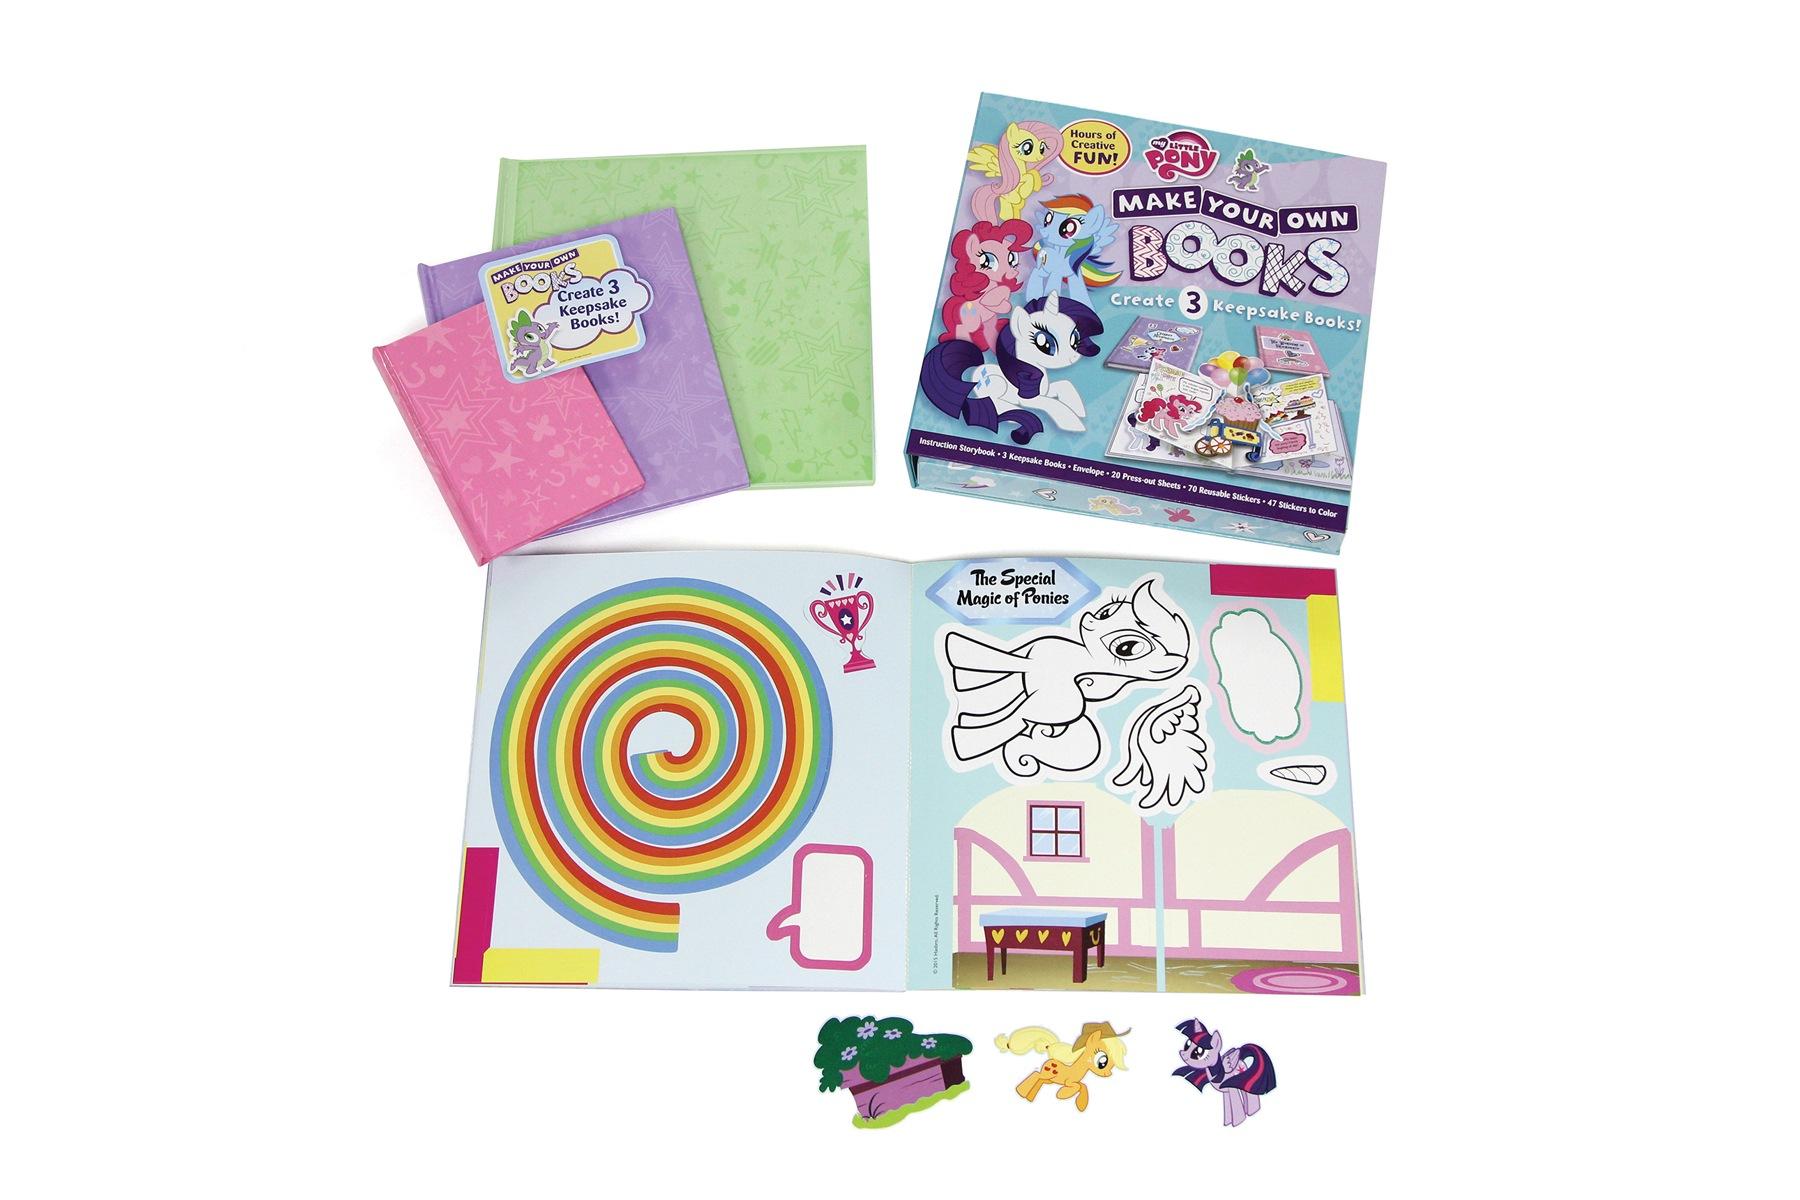 Bastel Set Craft book Buch Druck Print Starlite Kinder Children Learning Schoolbook Schulbuch Colour 4c Veredelung Finish